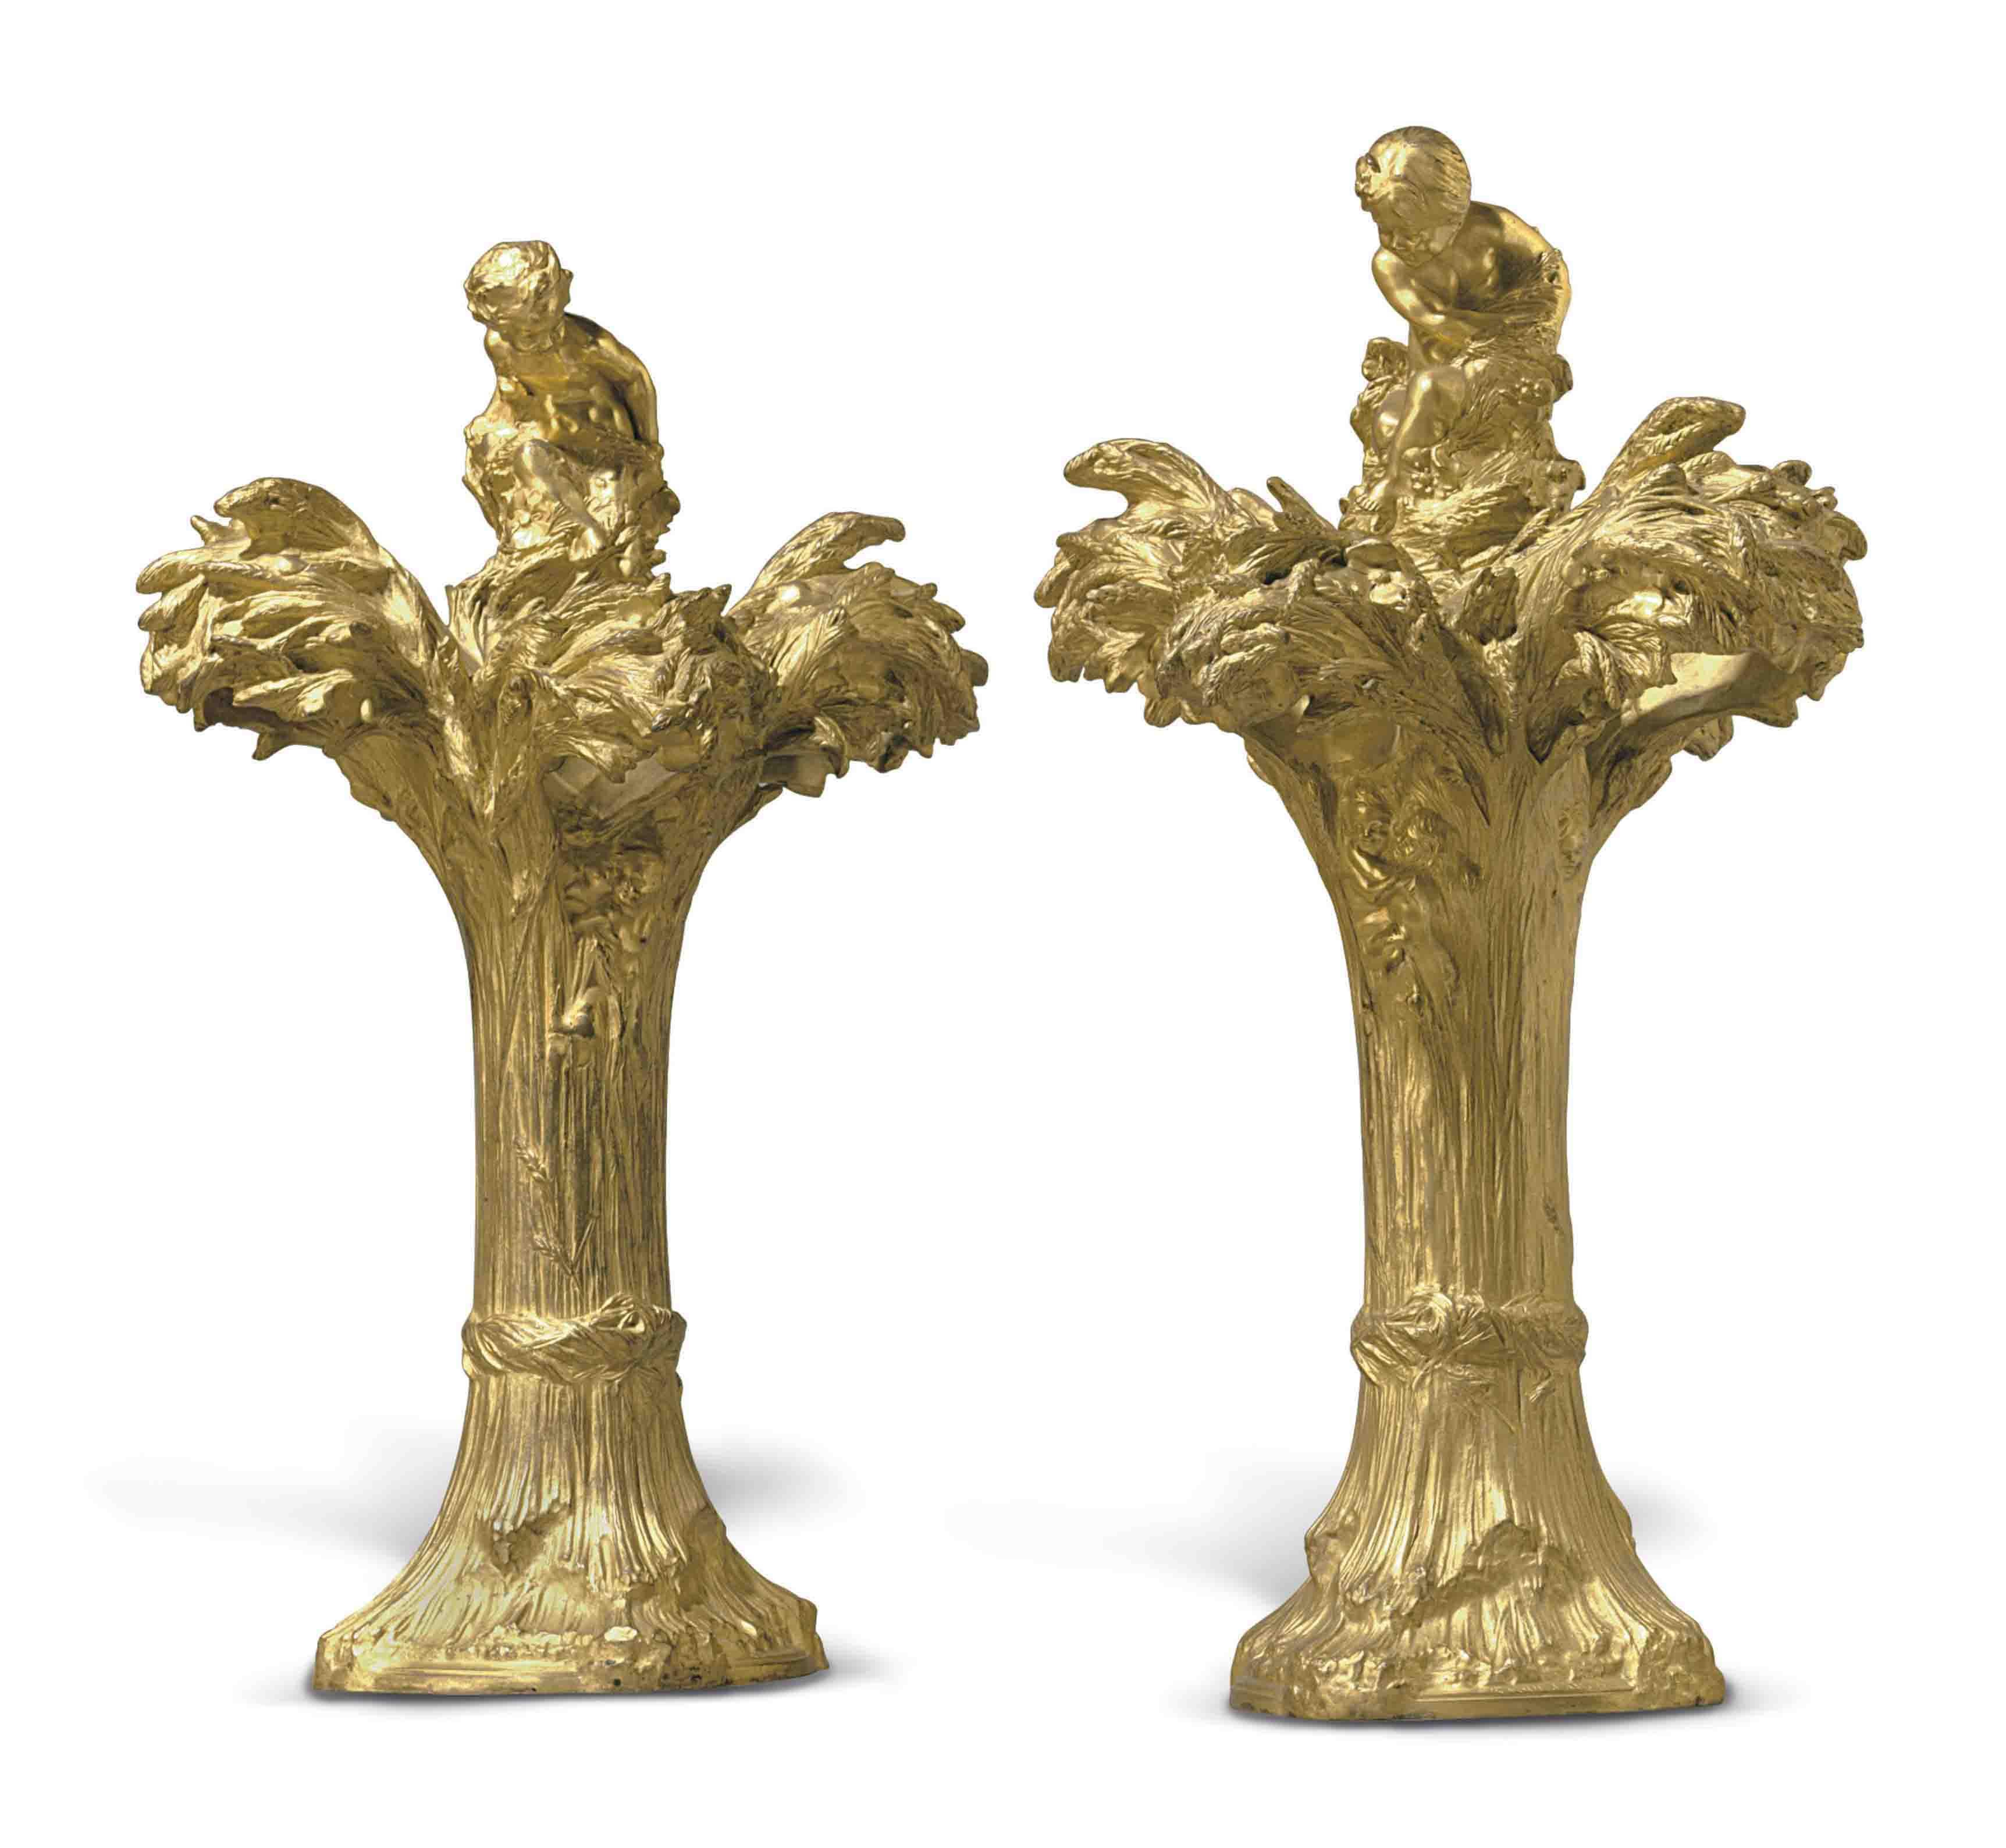 A PAIR OF FRENCH ART NOUVEAU GILT-BRONZE LAMPS